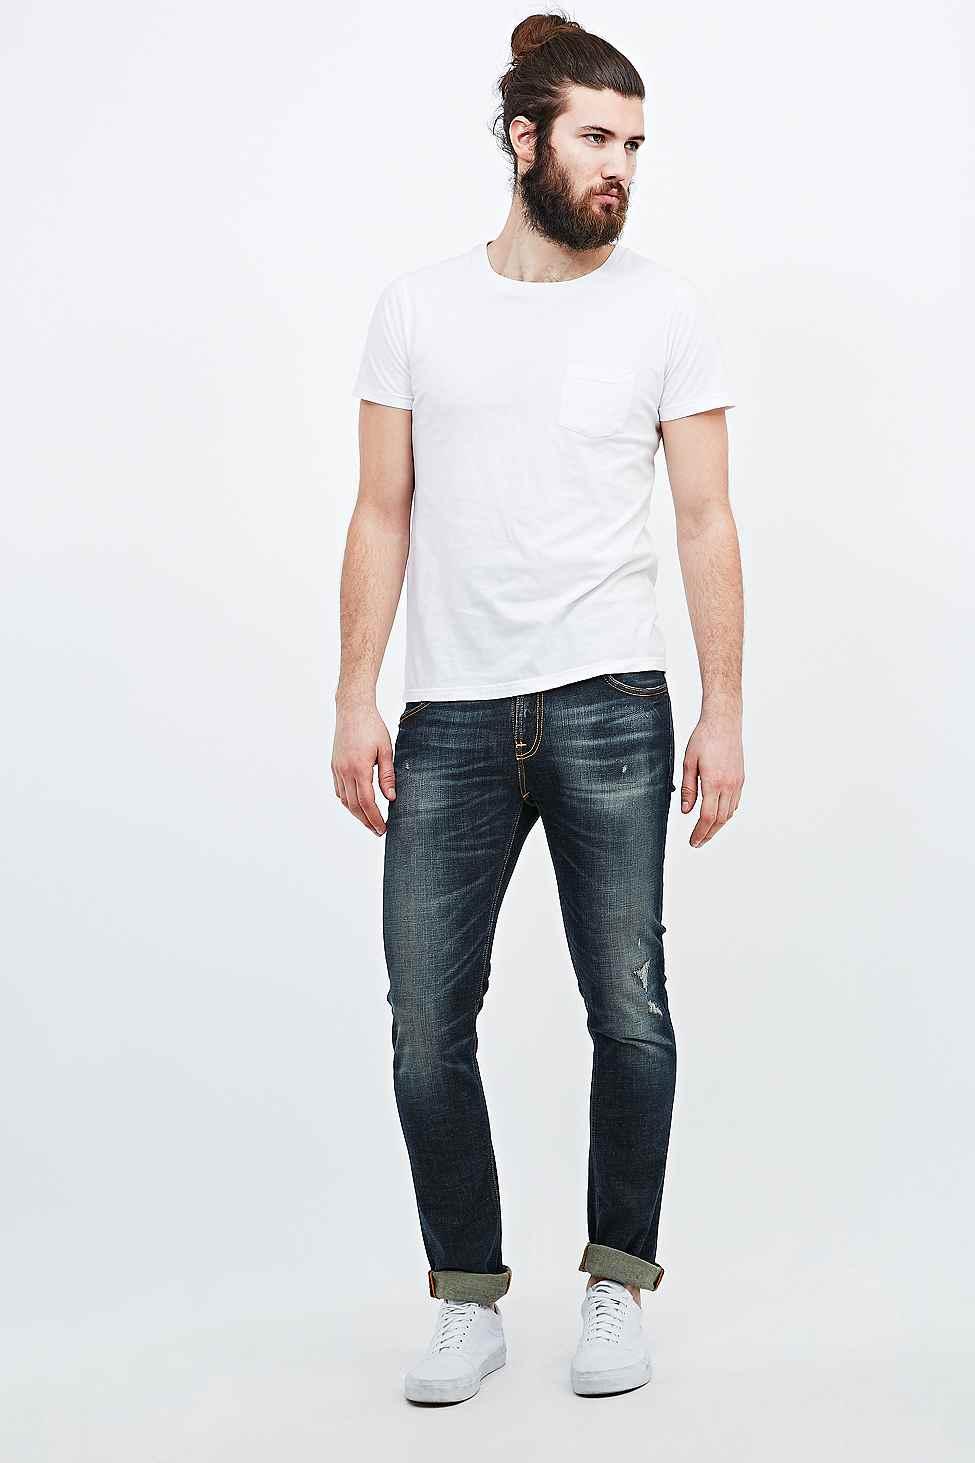 Nudie Jeans Tube Tom Jimmy Replica Jeans in Indigo (Blue) for Men